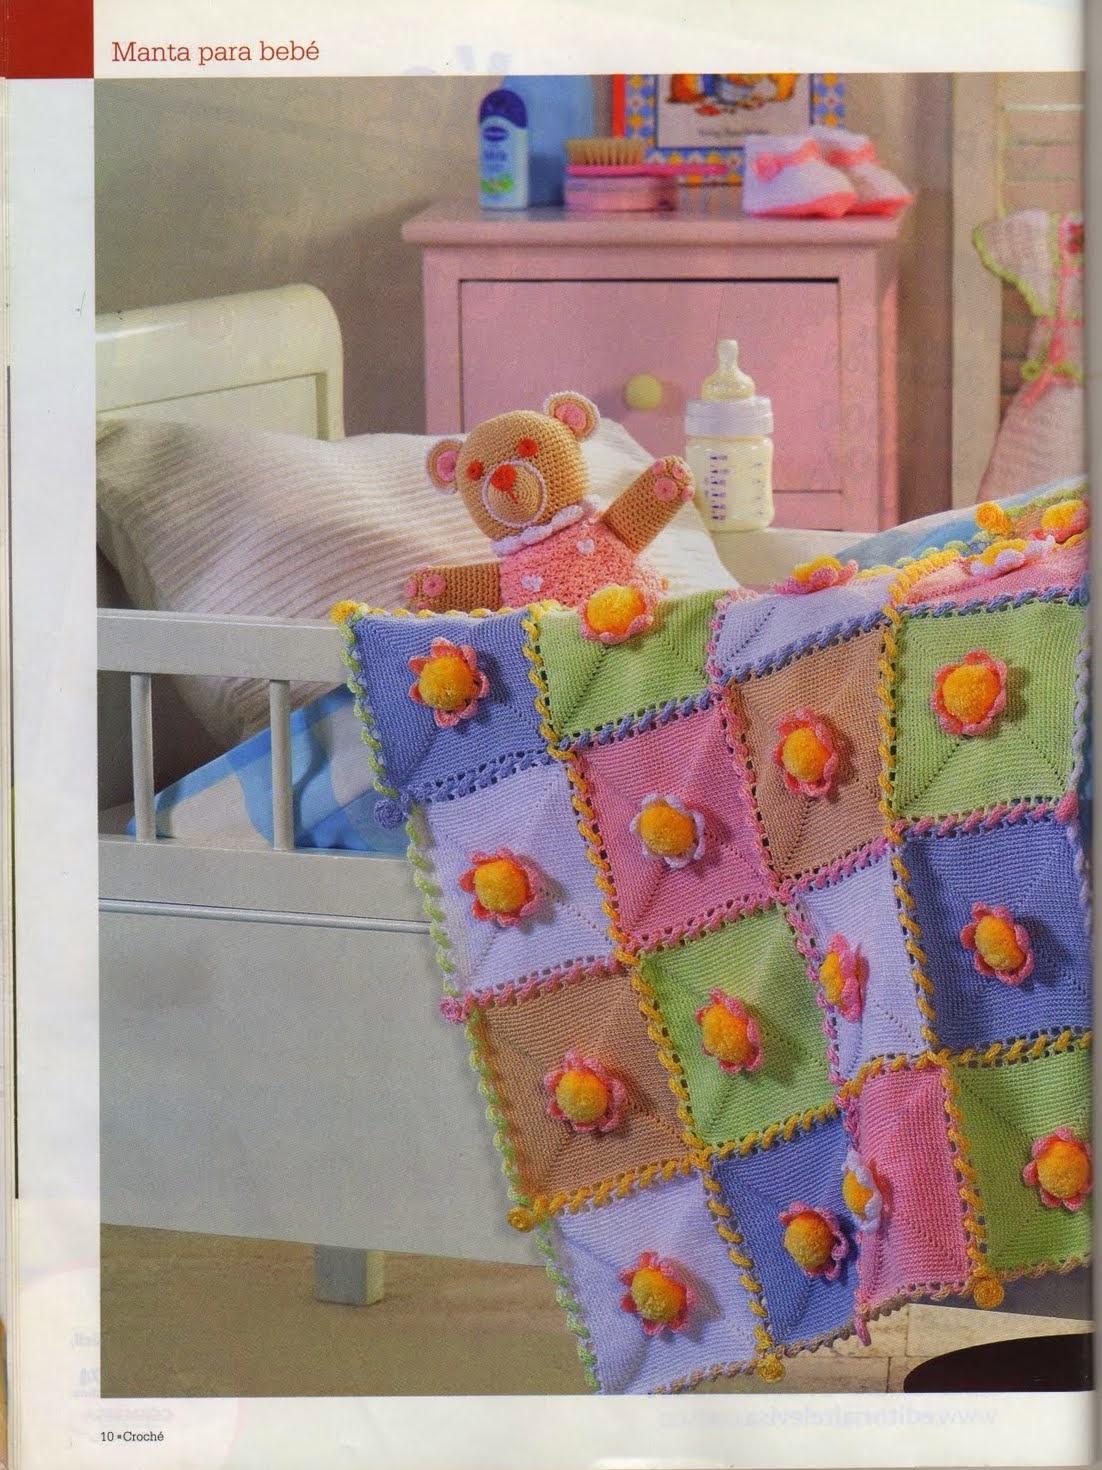 Revista gratis prendas y accesorios para bebes - Revistas de crochet y